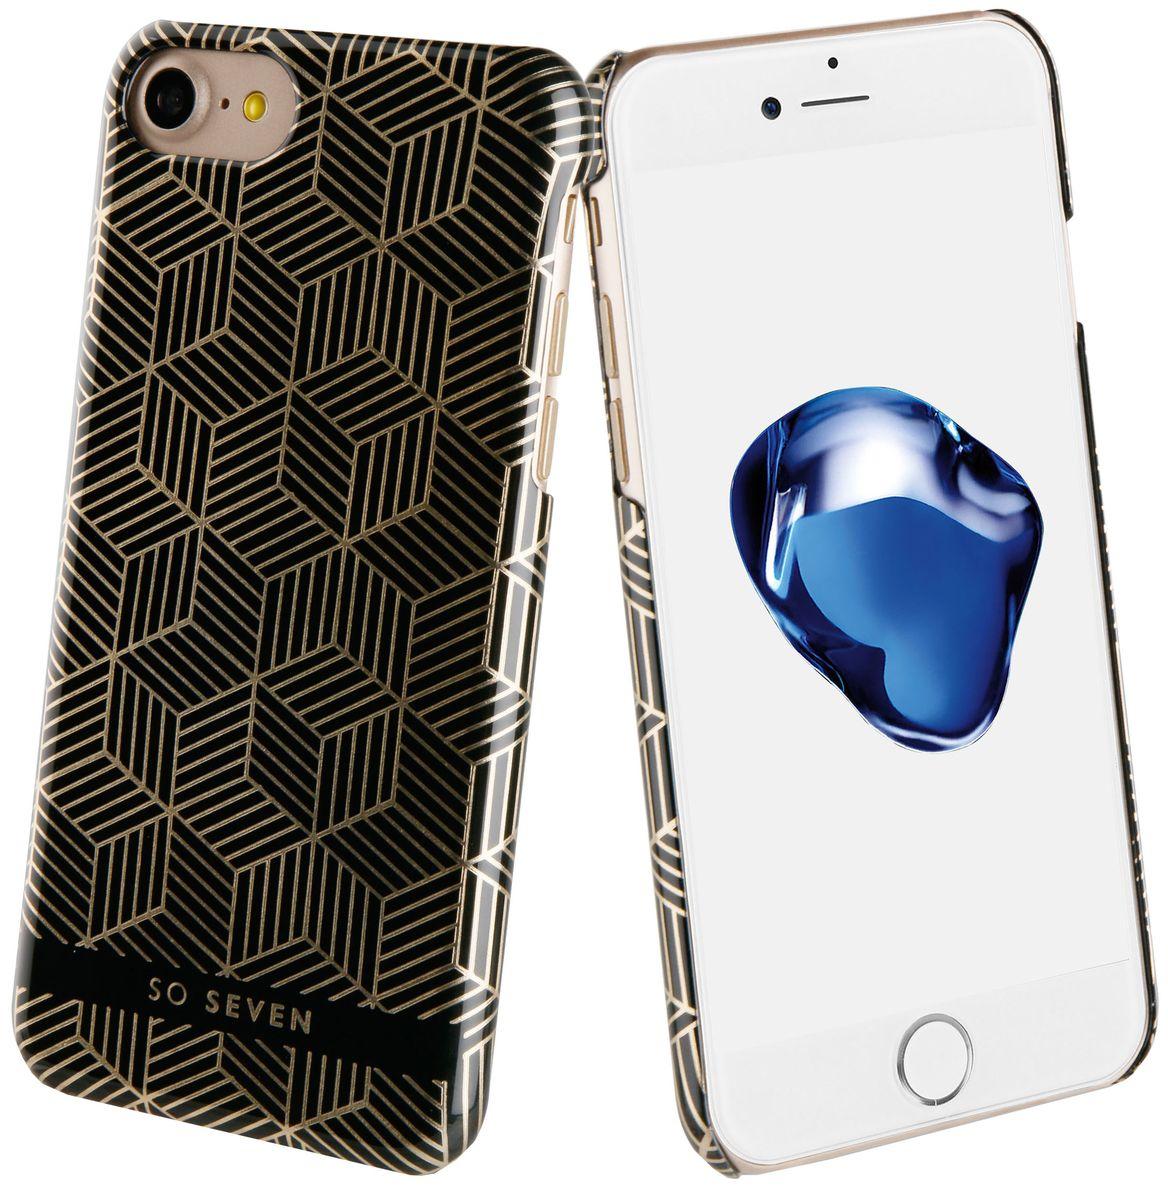 So Seven Midnight Cubic чехол для Apple iPhone 7/8, BlackSVNCSMDCBKIP7Чехол-накладка So Seven Midnight Cubic для Apple iPhone 7/8 обеспечивает надежную защиту корпуса смартфона от механических повреждений и надолго сохраняет его привлекательный внешний вид. Накладка выполнена из высококачественного материала, плотно прилегает и не скользит в руках. Чехол также обеспечивает свободный доступ ко всем разъемам и клавишам устройства.